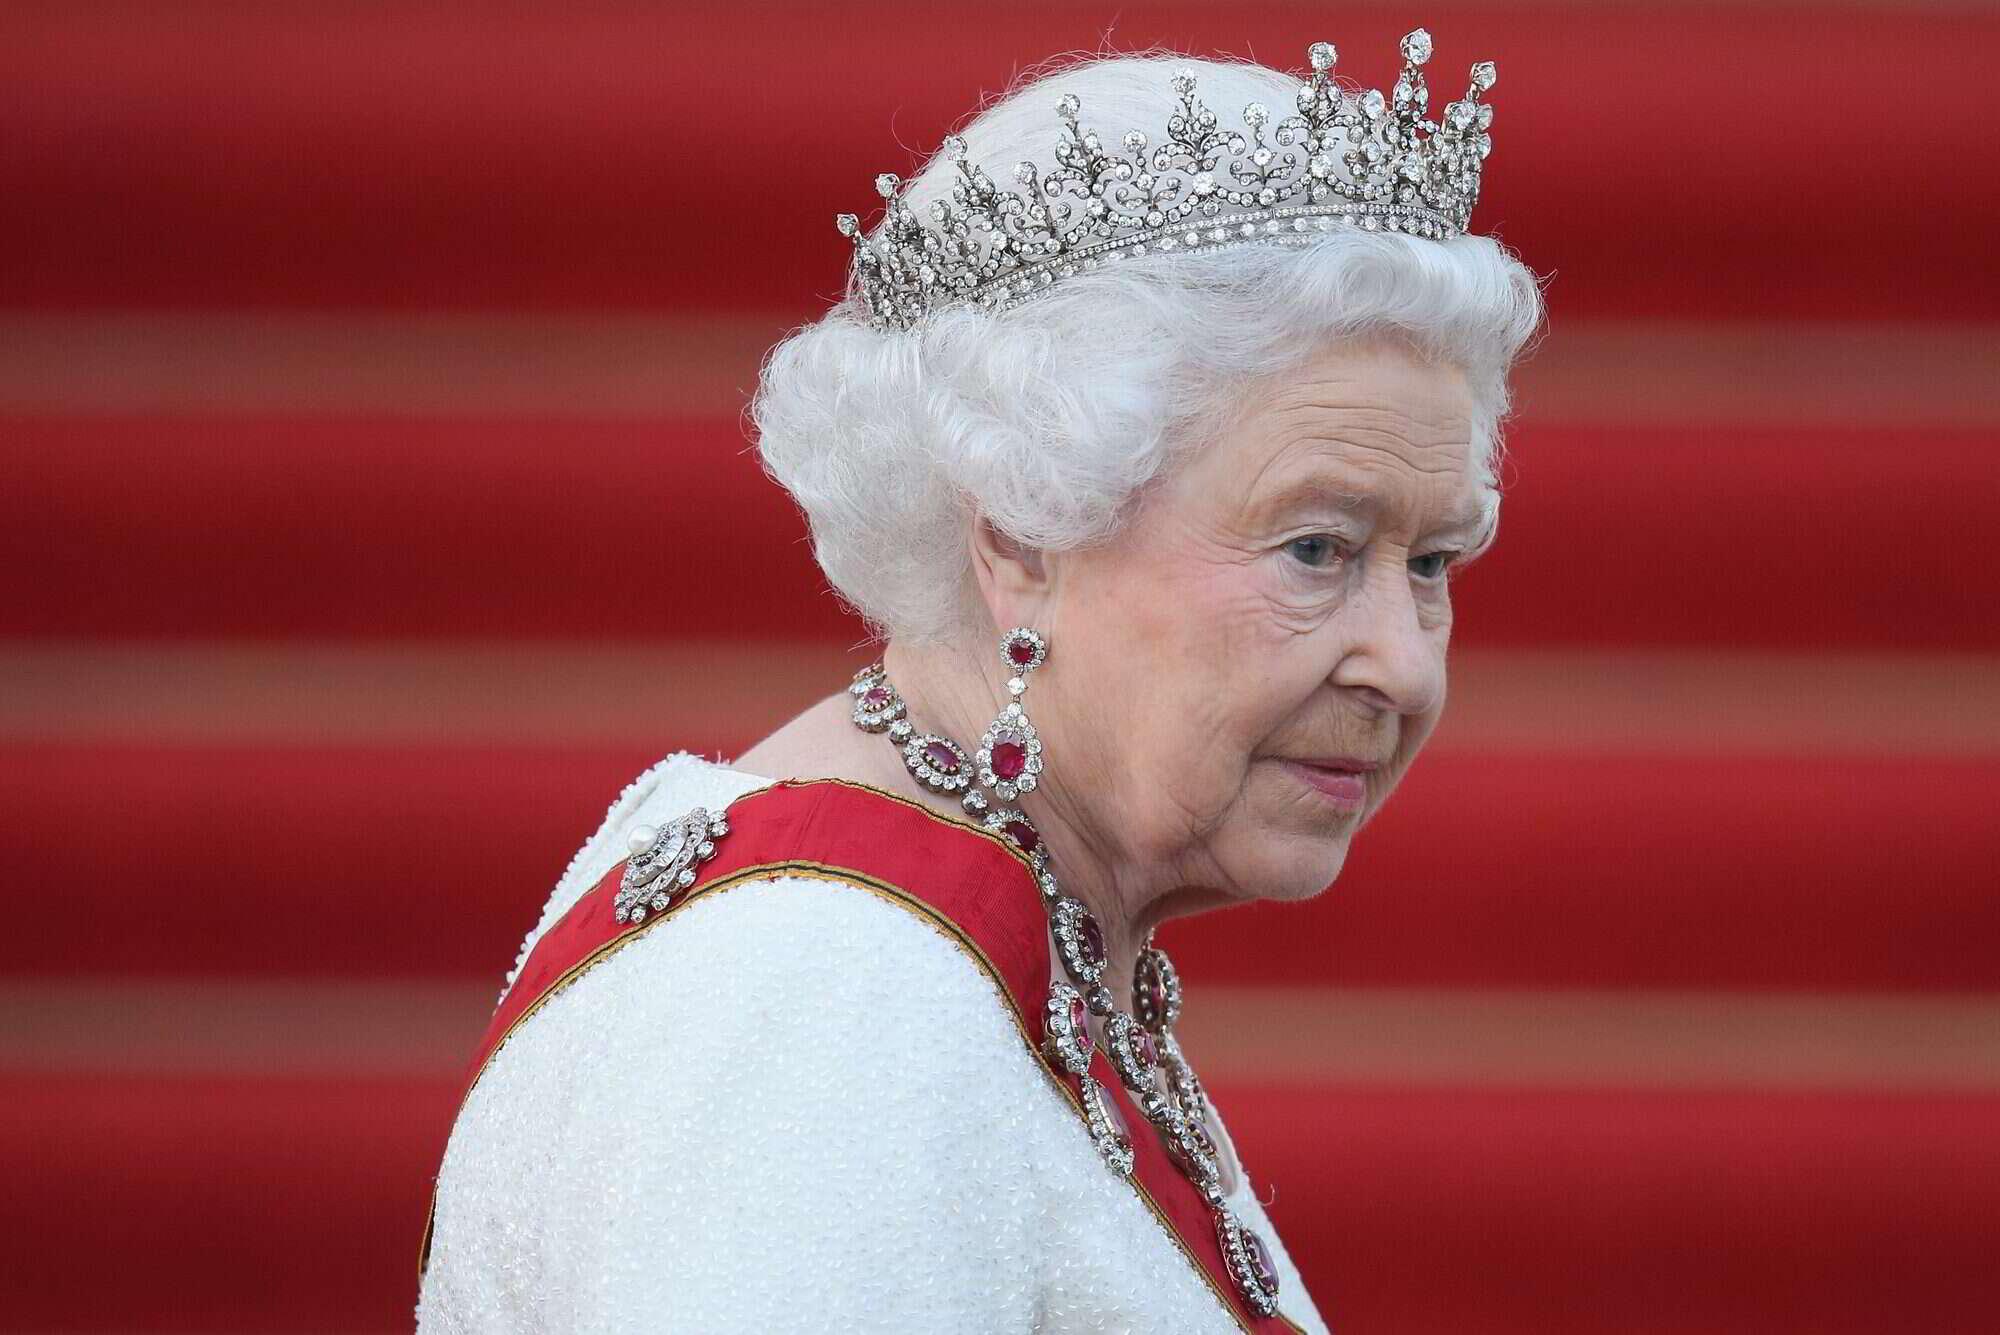 O funeral da rainha Elizabeth II já está planejado. Veja como